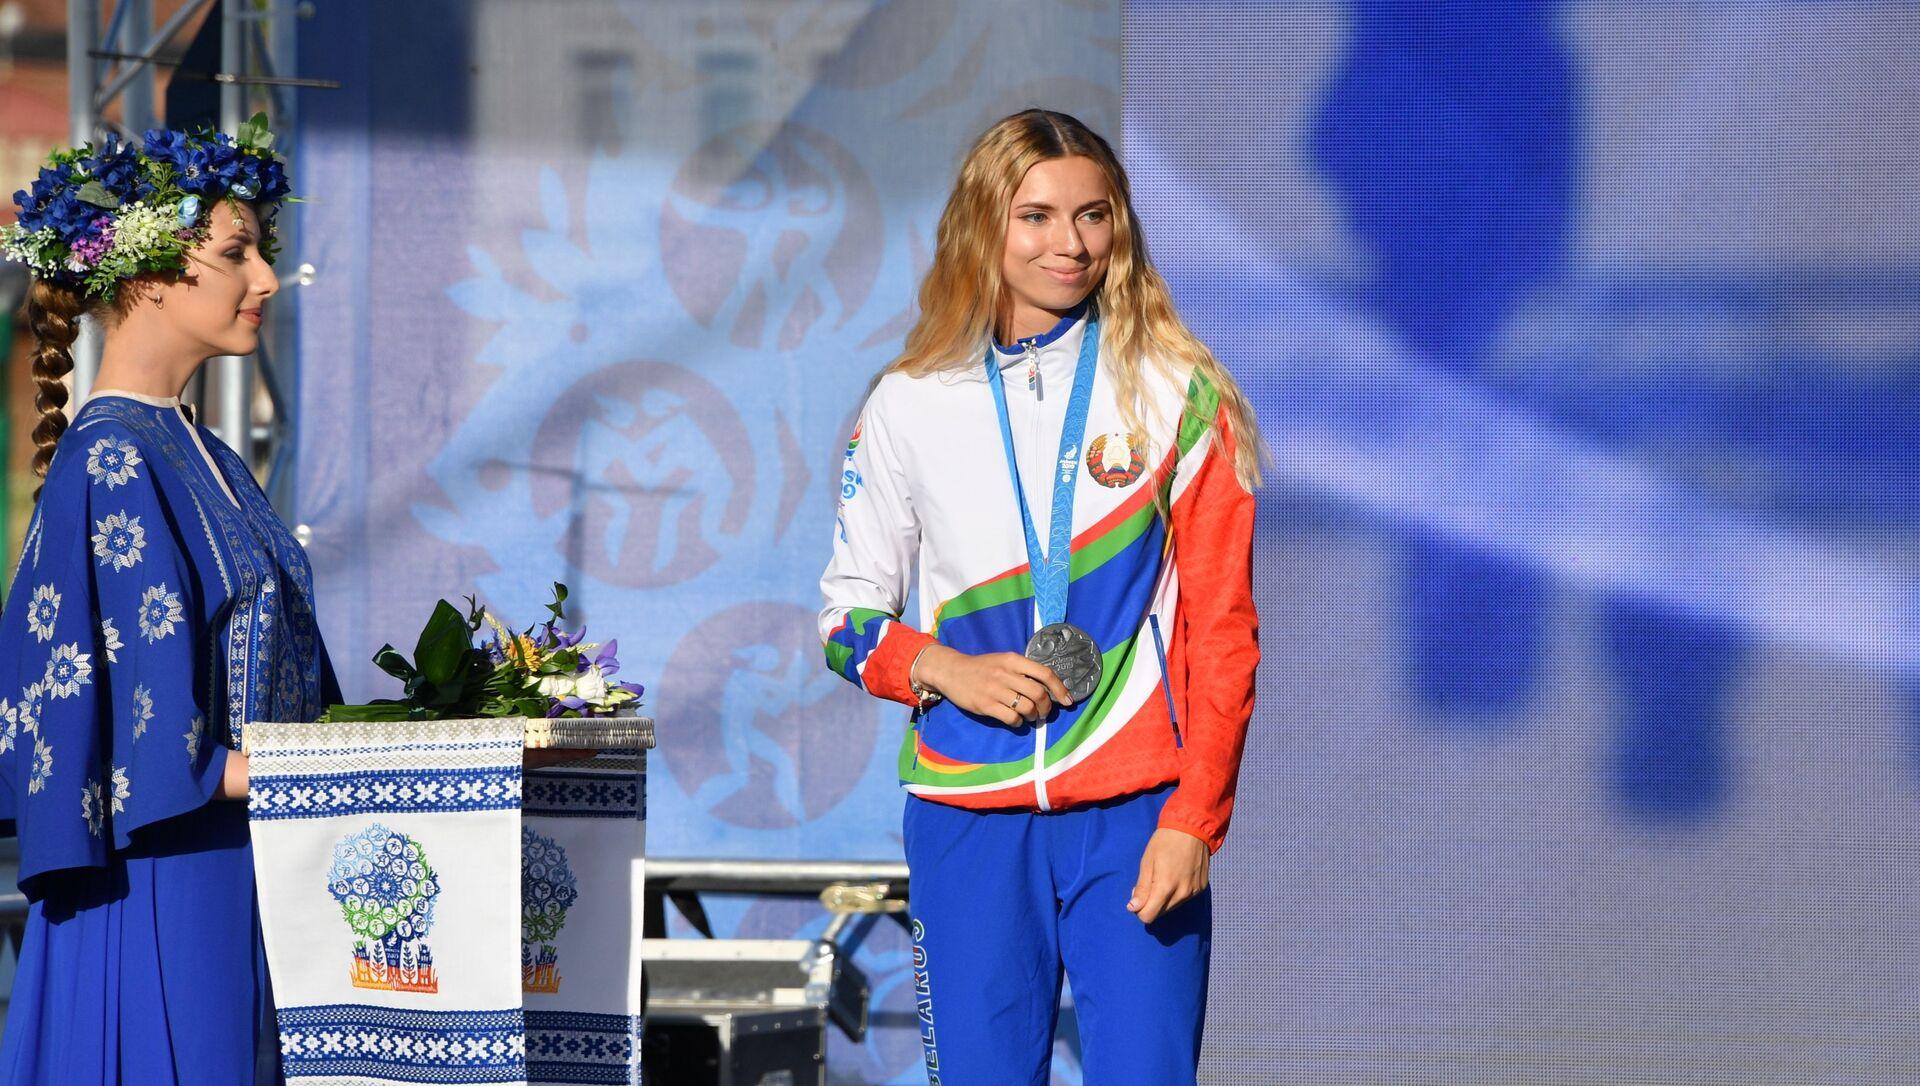 Награждение белорусских легкоатлетов, успешно выступивших на II Европейских играх - Sputnik 日本, 1920, 02.08.2021